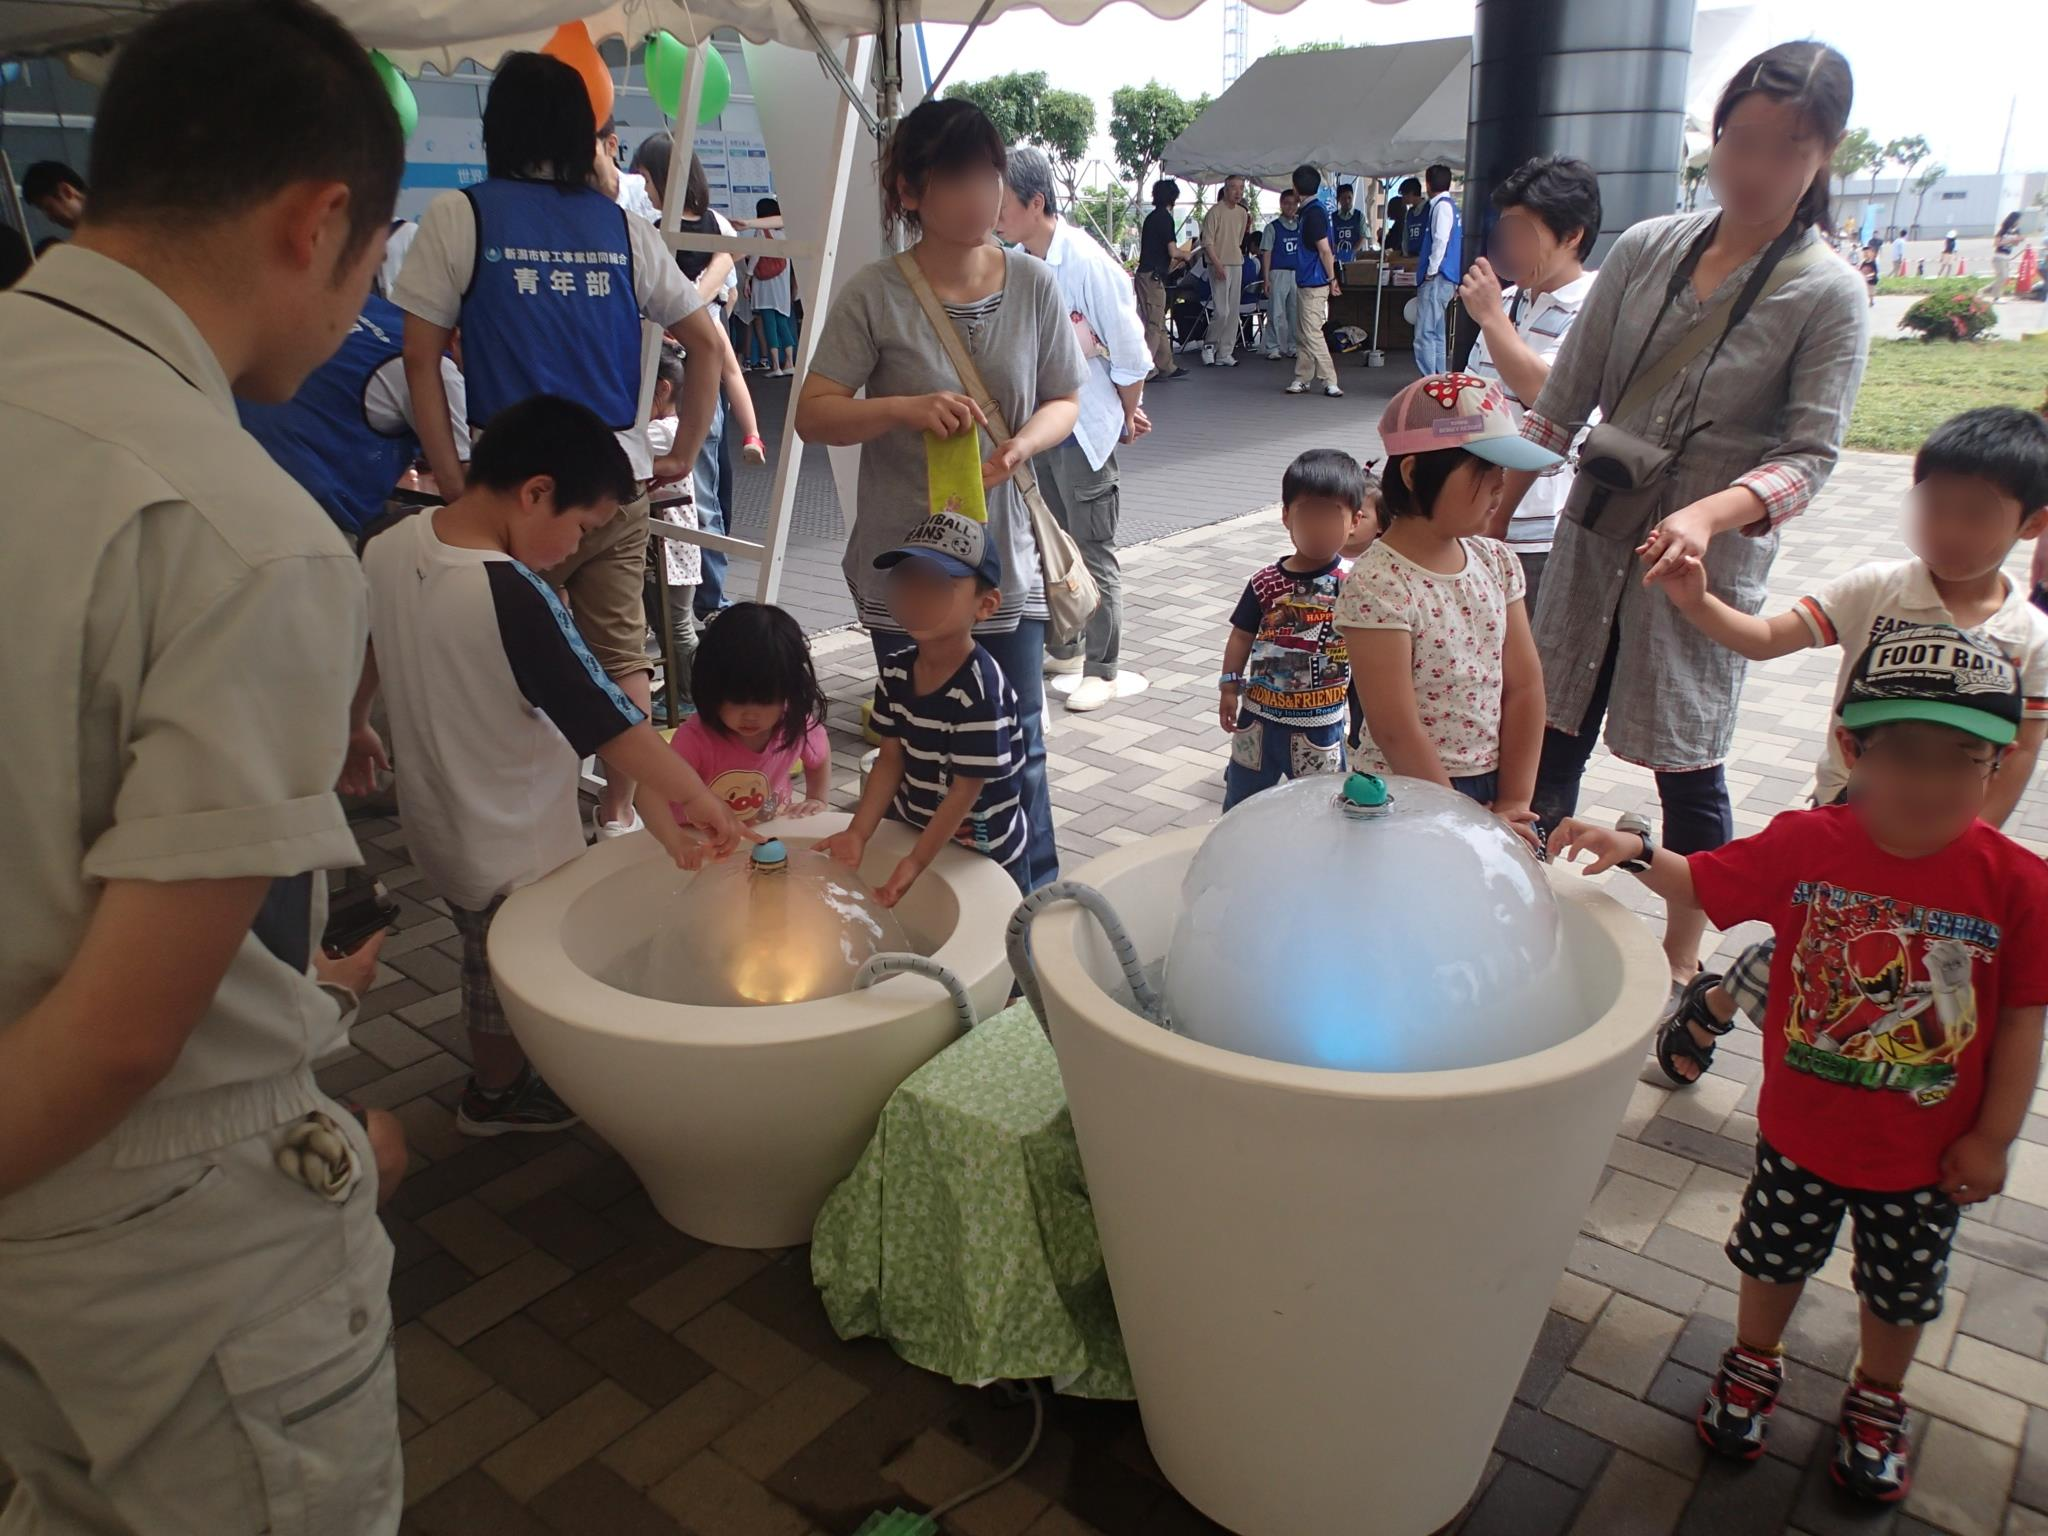 【レンタル噴水】パステルマッシュルーム噴水